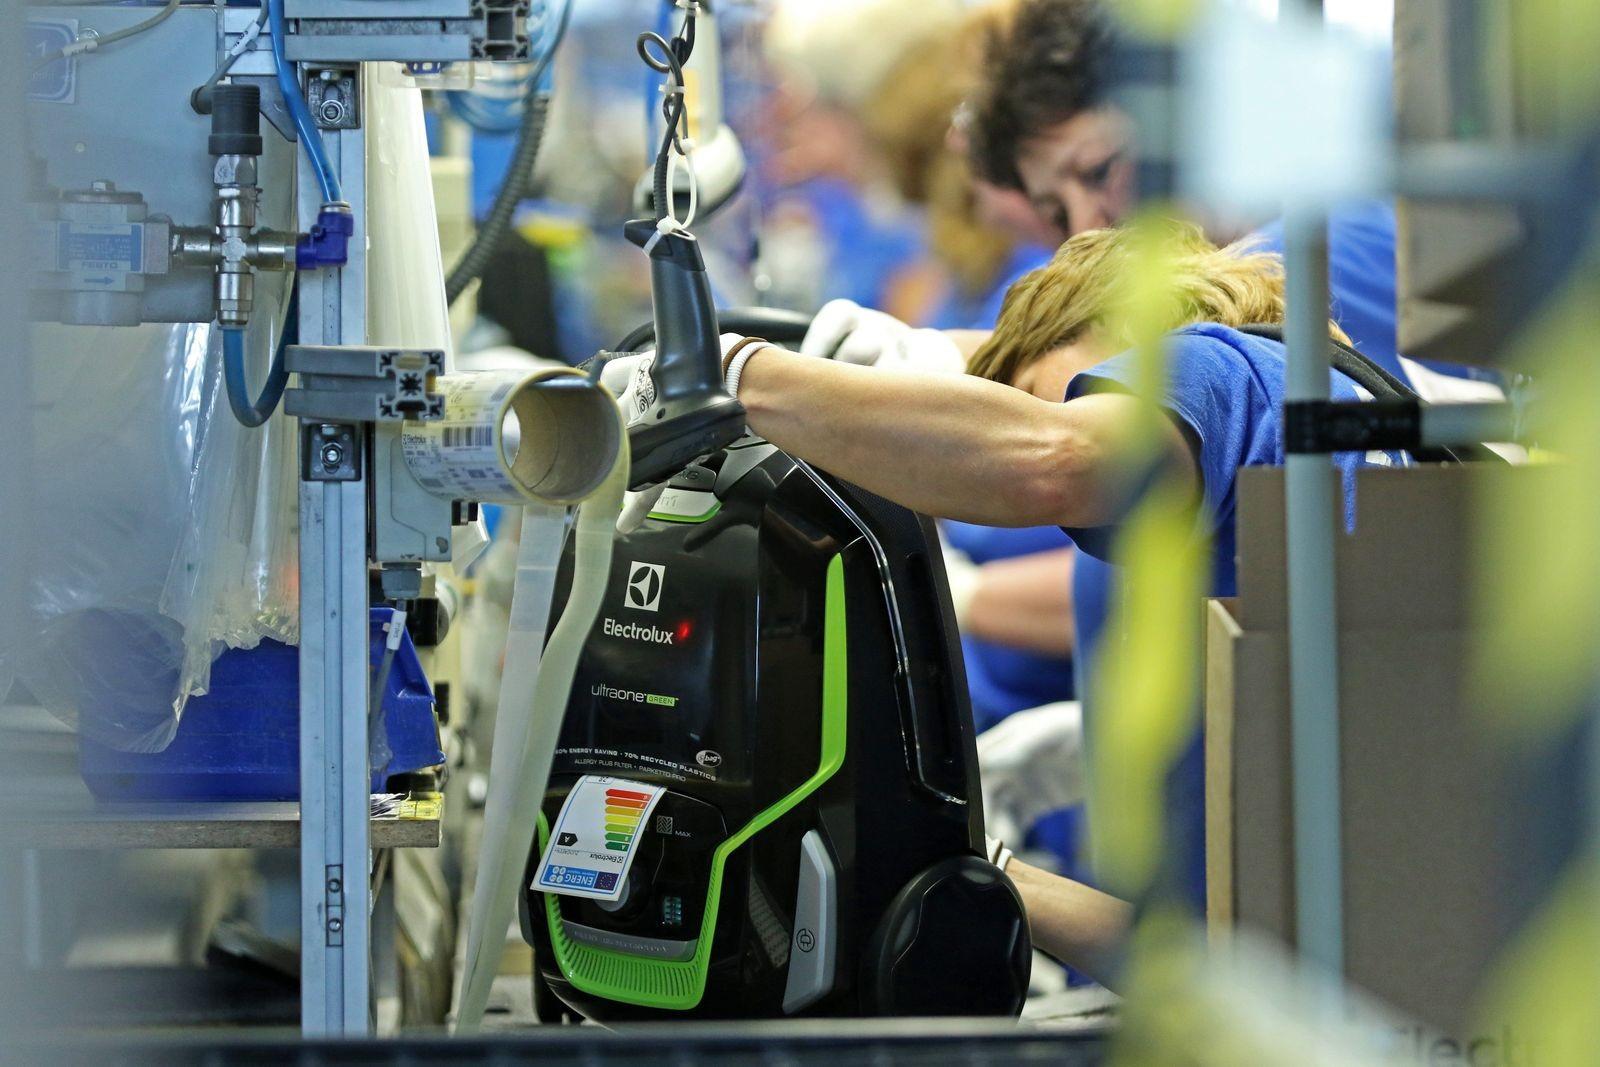 Az Electrolux 20 éve működik Jászberényben, a megye egyik legnagyobb munkaadója